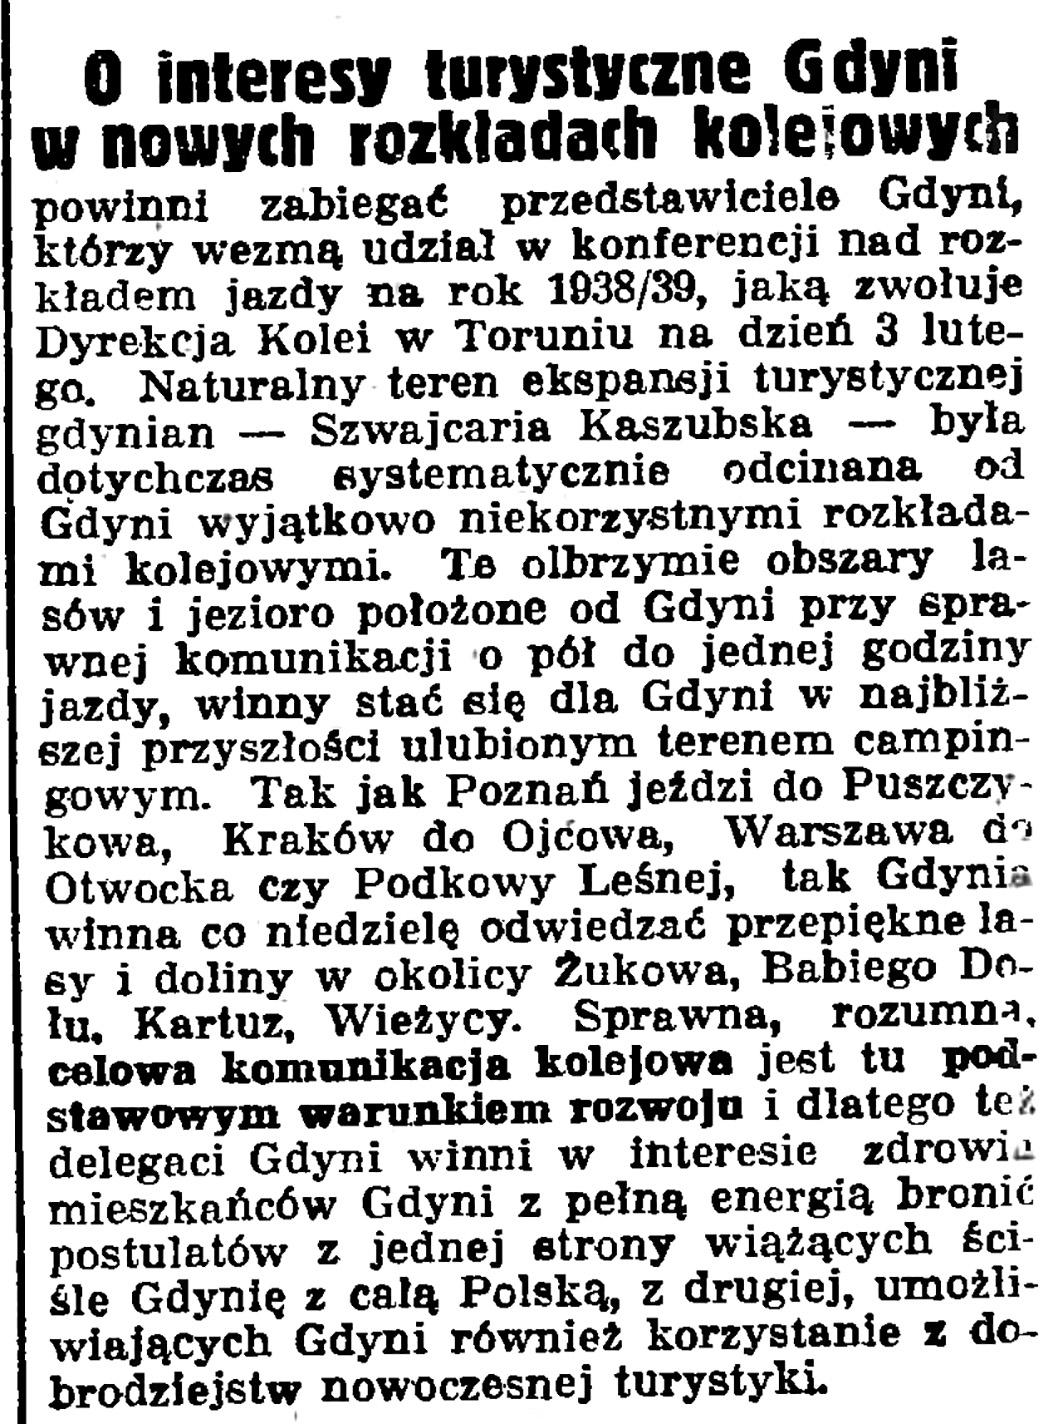 O interesy turystyczne Gdyni w nowych rozkładach kolejowych // Gazeta Gdańska. - 1938, nr 24, s. 11